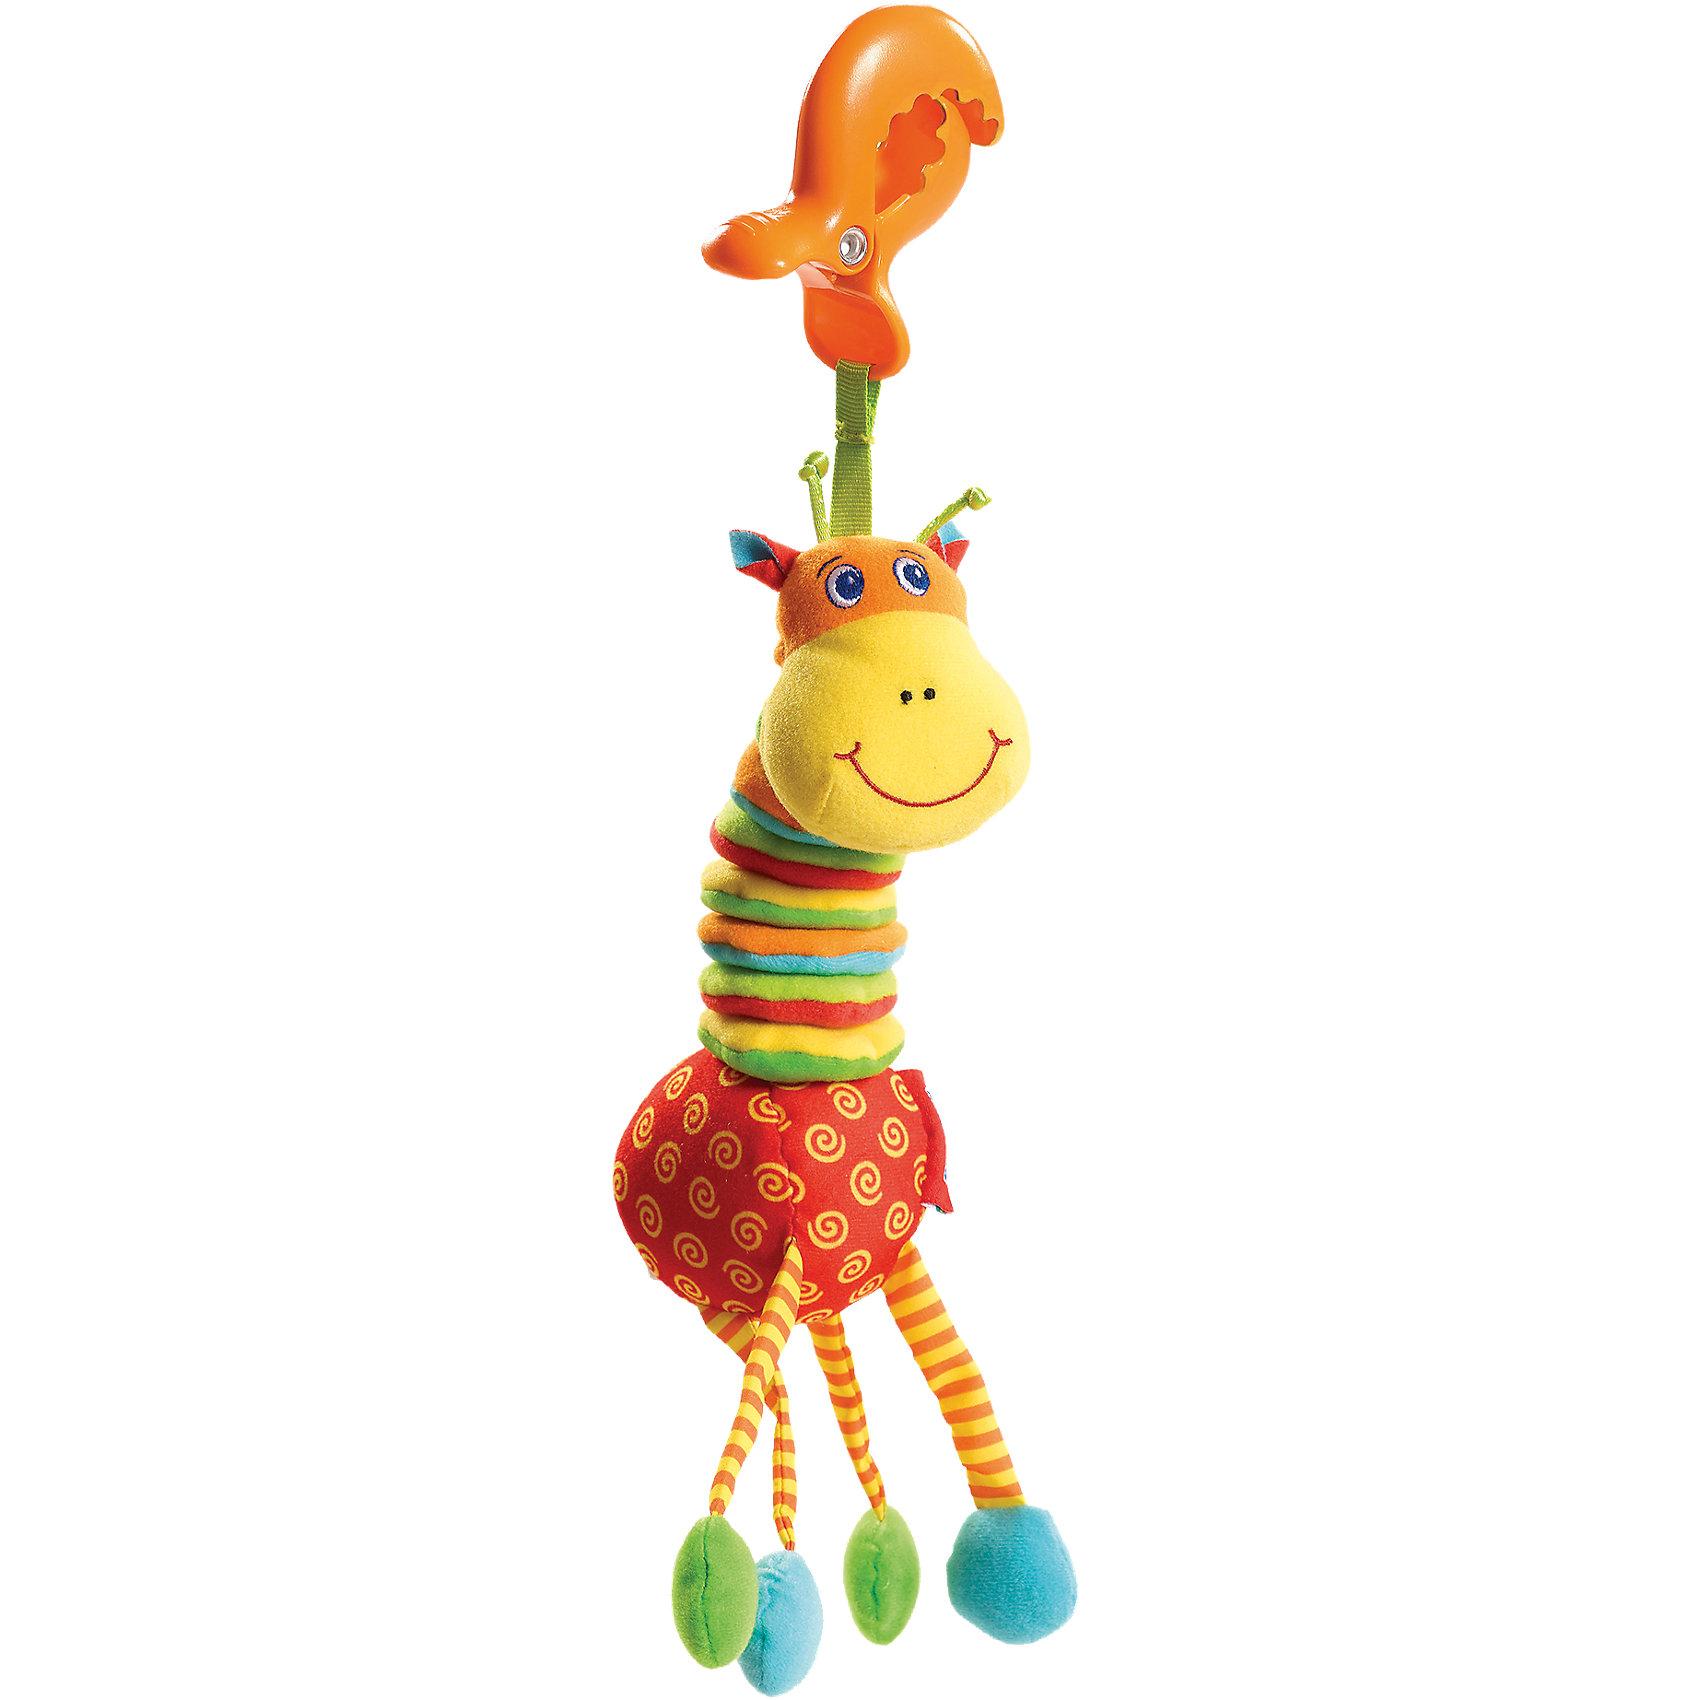 Развивающий игрушка Жираф, Tiny LoveРазвивающие игрушки<br>Игрушки серии Tiny Smarts - это уникальное сочетание всех чудесных свойств развивающих игрушек Tiny Love (Тини Лав) и выгодной цены. Игрушки Tiny Smarts можно повсюду брать с собой - малыши перед ними не устоят.  Развивающую игрушку «Вибрирующий Жираф» легко схватить и удержать в ручках, благодаря чему она привлечёт внимание даже новорожденного. Гусеничка сделана из материалов различной текстуры, что также станет объектом исследования малыша. В голове у разноцветного маленького жирафа - весёлая погремушка, которая издаёт забавные звуки. Жирафа можно потянуть за шею, и он снова ее втянет, забавно качая при этом головой.  Так с самых первых дней жизни малыша игрушка будет развивать его органы чувств, мелкую и крупную моторику и мировосприятие.  Дополнительная информция: Материал: текстиль, пластик Габариты: 26х9х5 см Вес: 0.1 кг  Развивающий игрушка Жираф, Tiny Love (Тини Лав) вы можете купить в нашем интернет - магазине.<br><br>Ширина мм: 175<br>Глубина мм: 137<br>Высота мм: 71<br>Вес г: 500<br>Возраст от месяцев: -2147483648<br>Возраст до месяцев: 2147483647<br>Пол: Унисекс<br>Возраст: Детский<br>SKU: 5065869